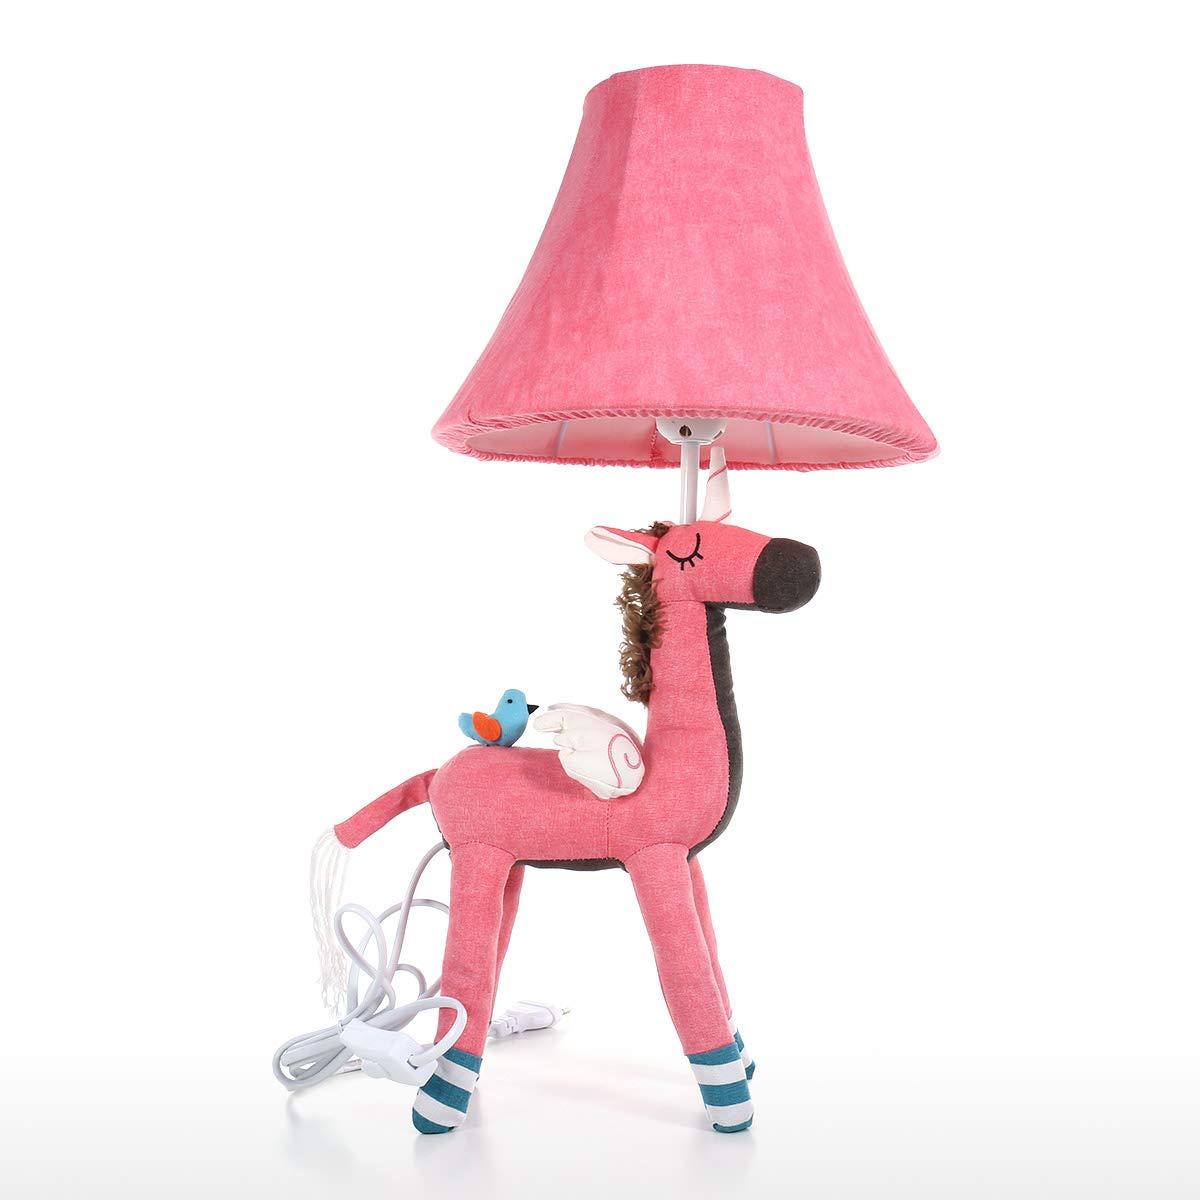 Hylotele Tooarts Unicorn Tischlampe Rosa EU-Stecker Dekorative Schreibtisch Tischlampe Tier Baumwolle Lampe f/ür Kinder mit Led-Birne